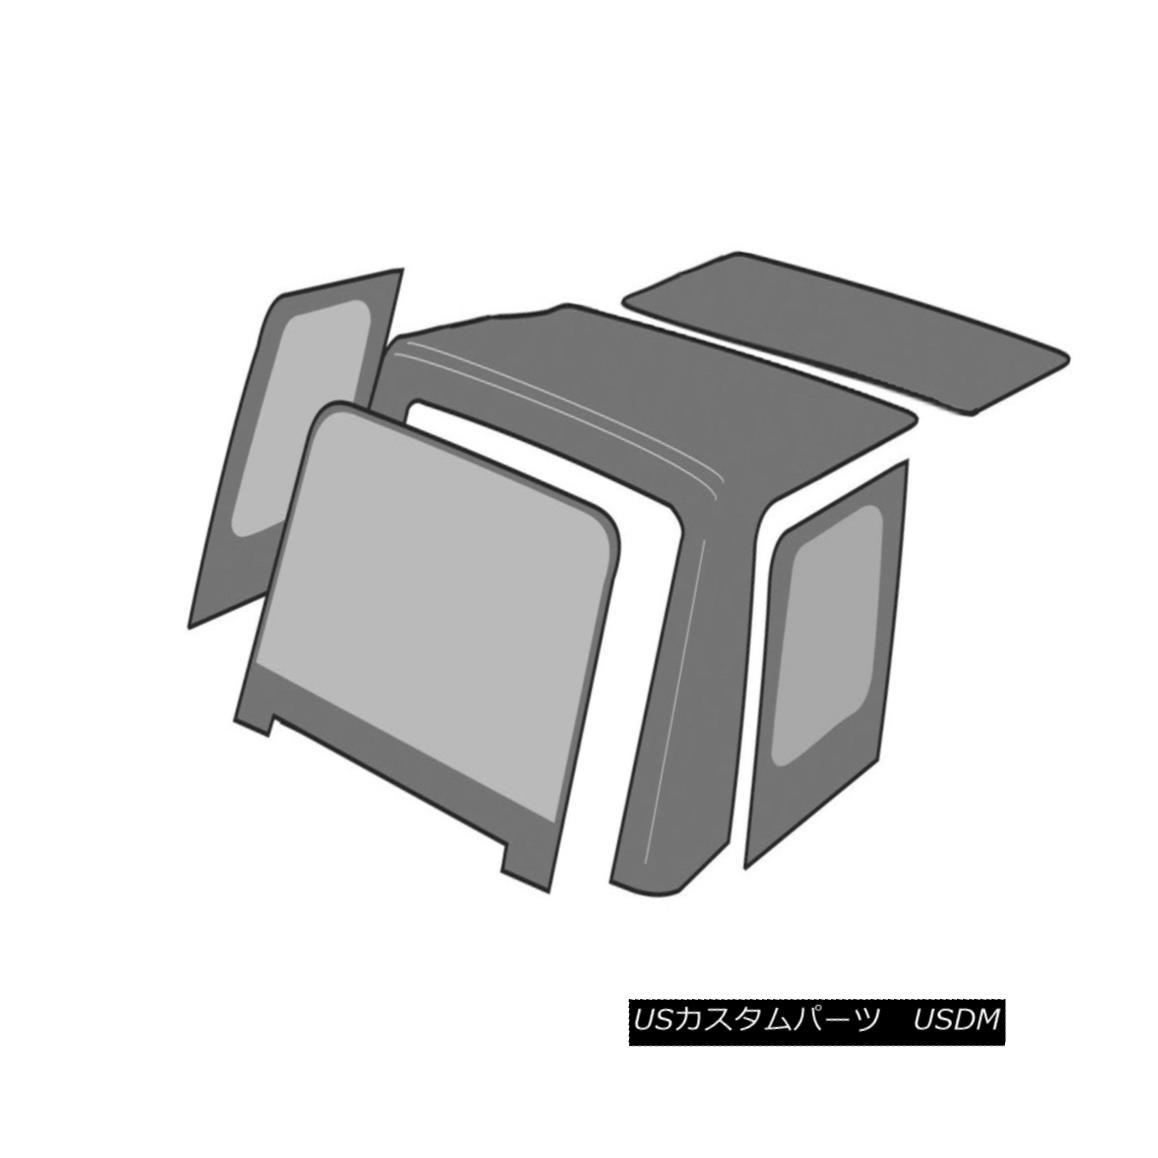 幌・ソフトトップ Rampage 99735 Factory Replacement Soft Top Fits 97-06 Wrangler (TJ) Rampage 99735 Factory Replacementソフトトップフィット97-06 Wrangler(TJ)